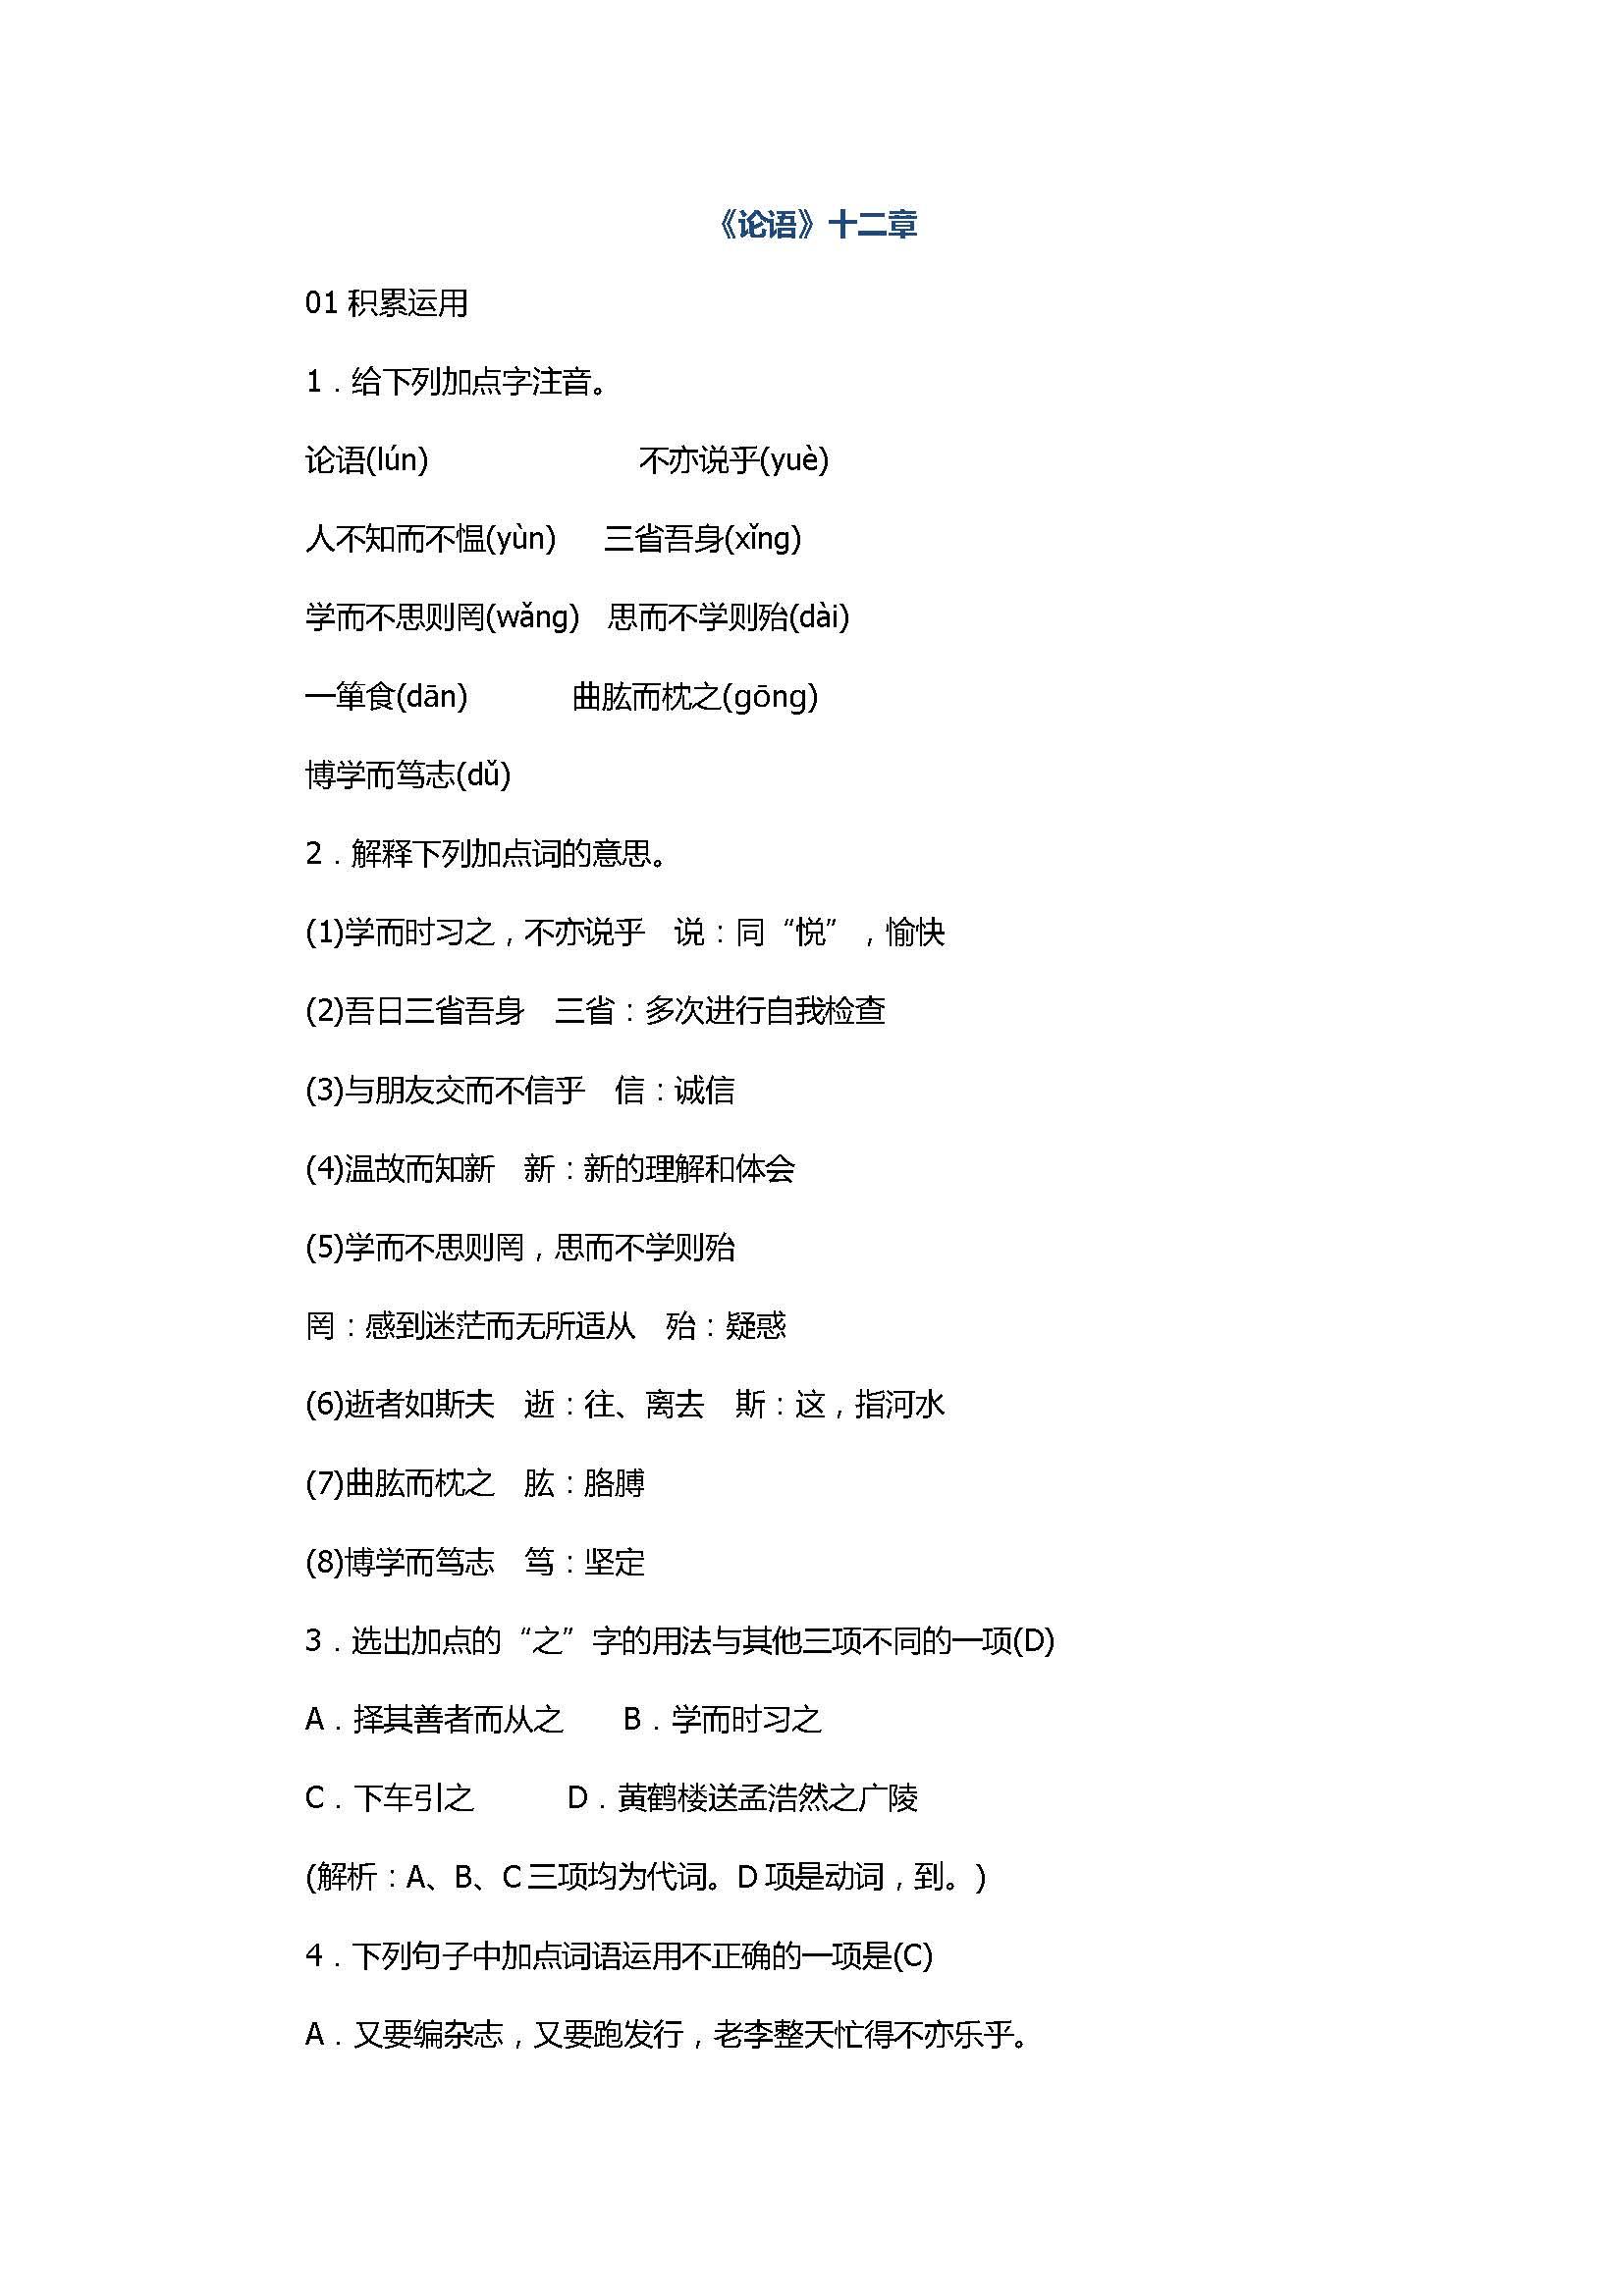 2017七年级语文上册《论语》精编同步练习题